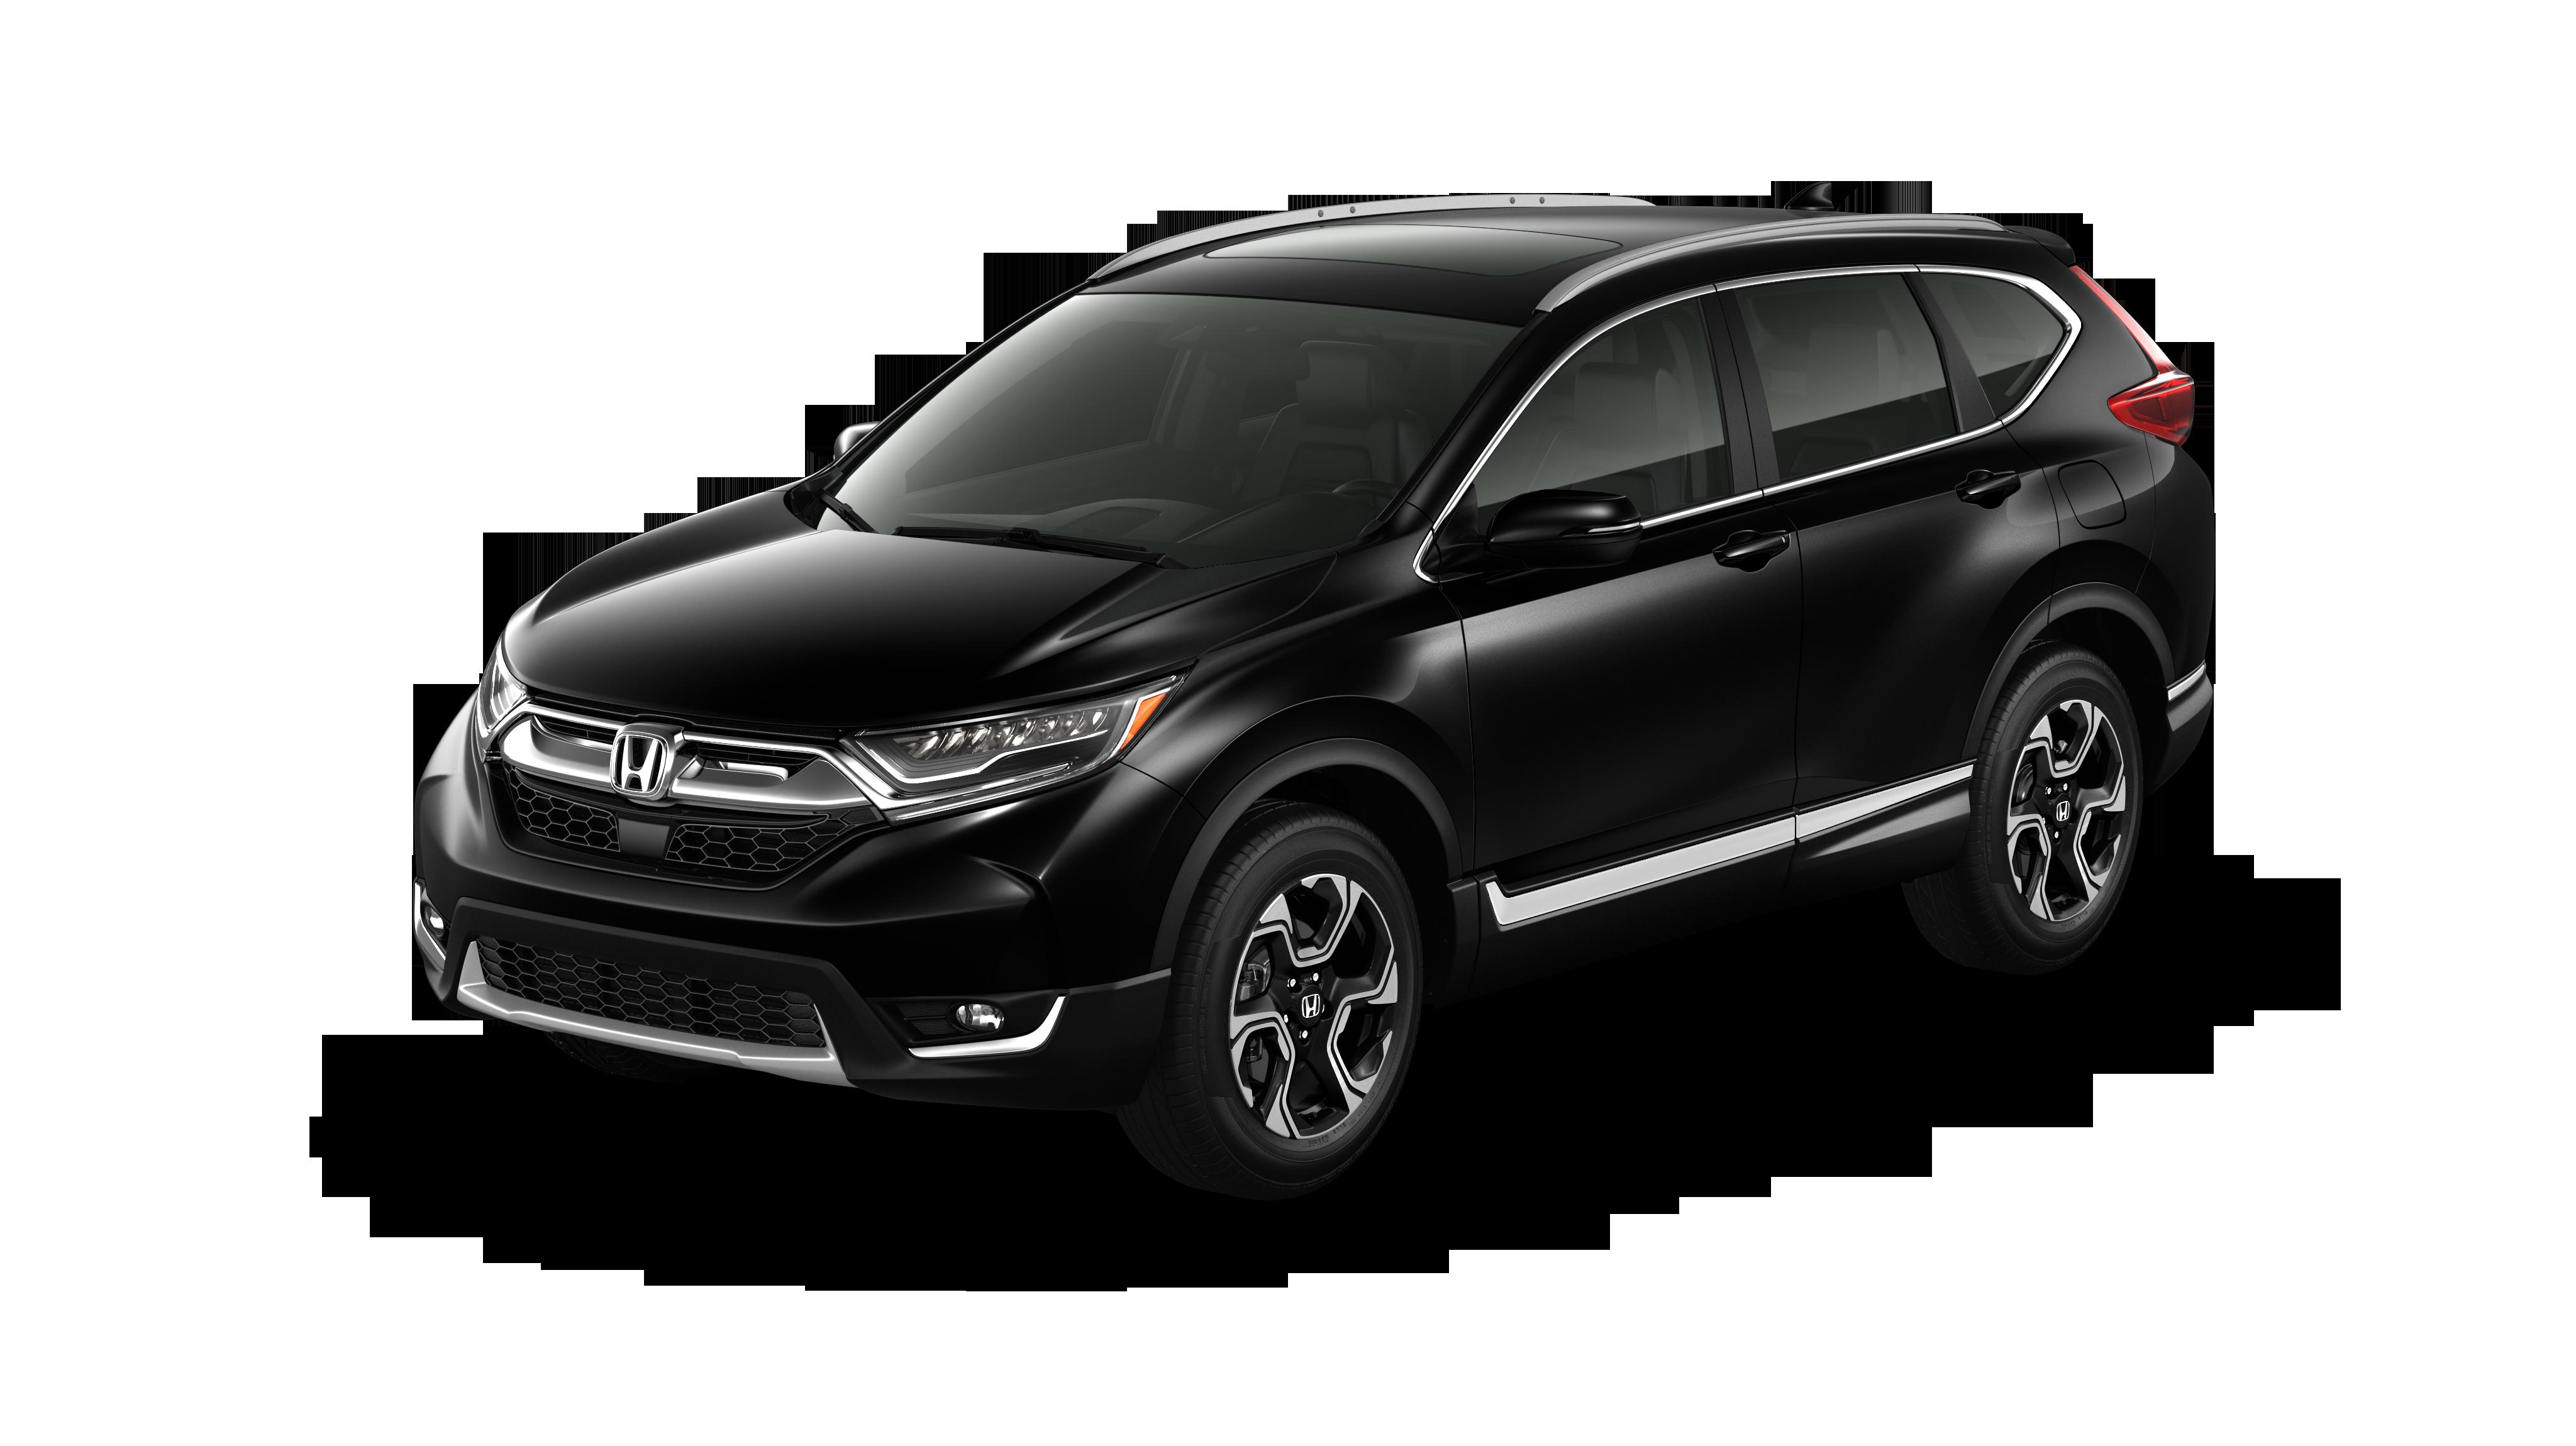 New 2017 Honda Cr V Suvs In Huntington Ny Huntington Honda